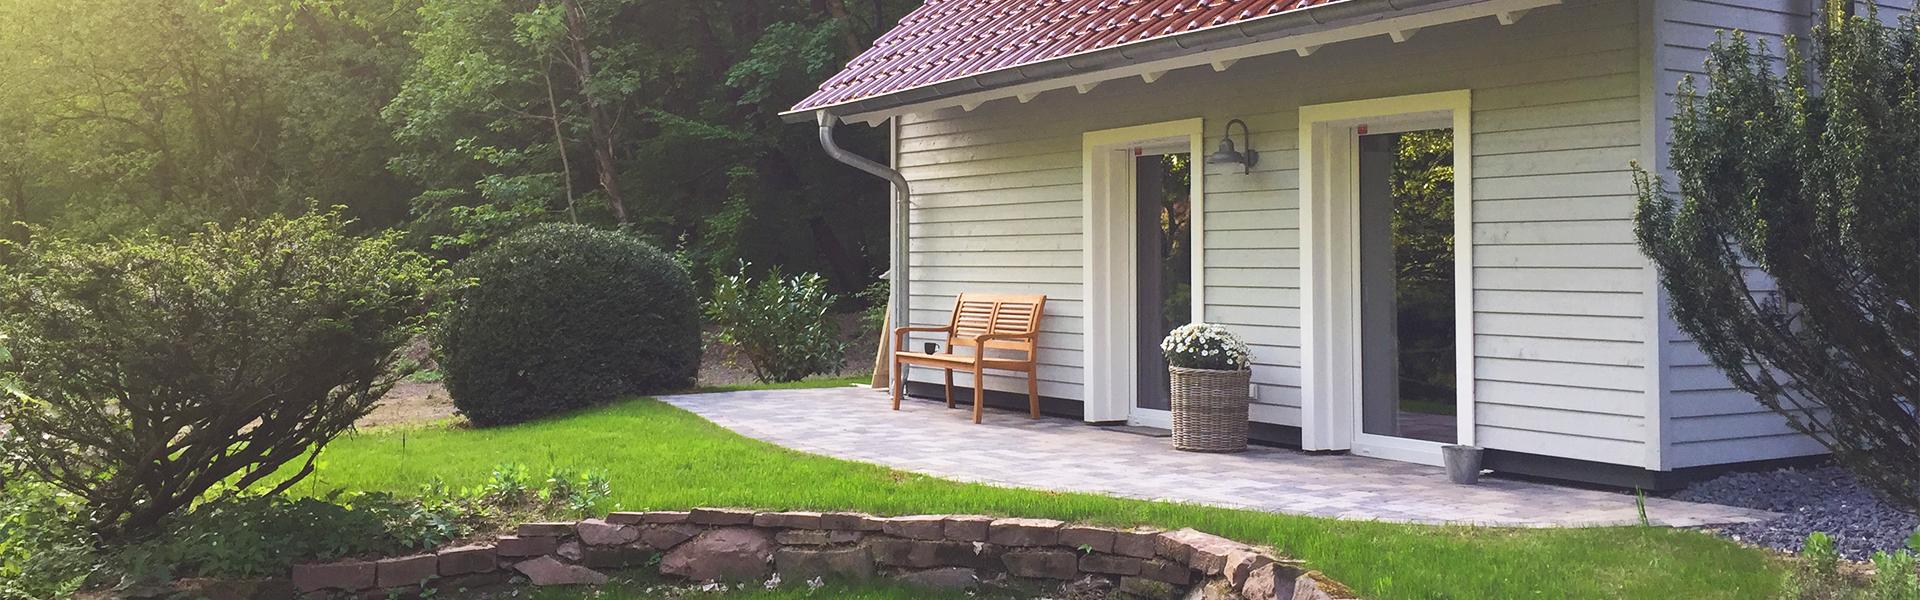 ferienhaus im harz wald jetzt mieten mieten sie jetzt unser h uschen. Black Bedroom Furniture Sets. Home Design Ideas